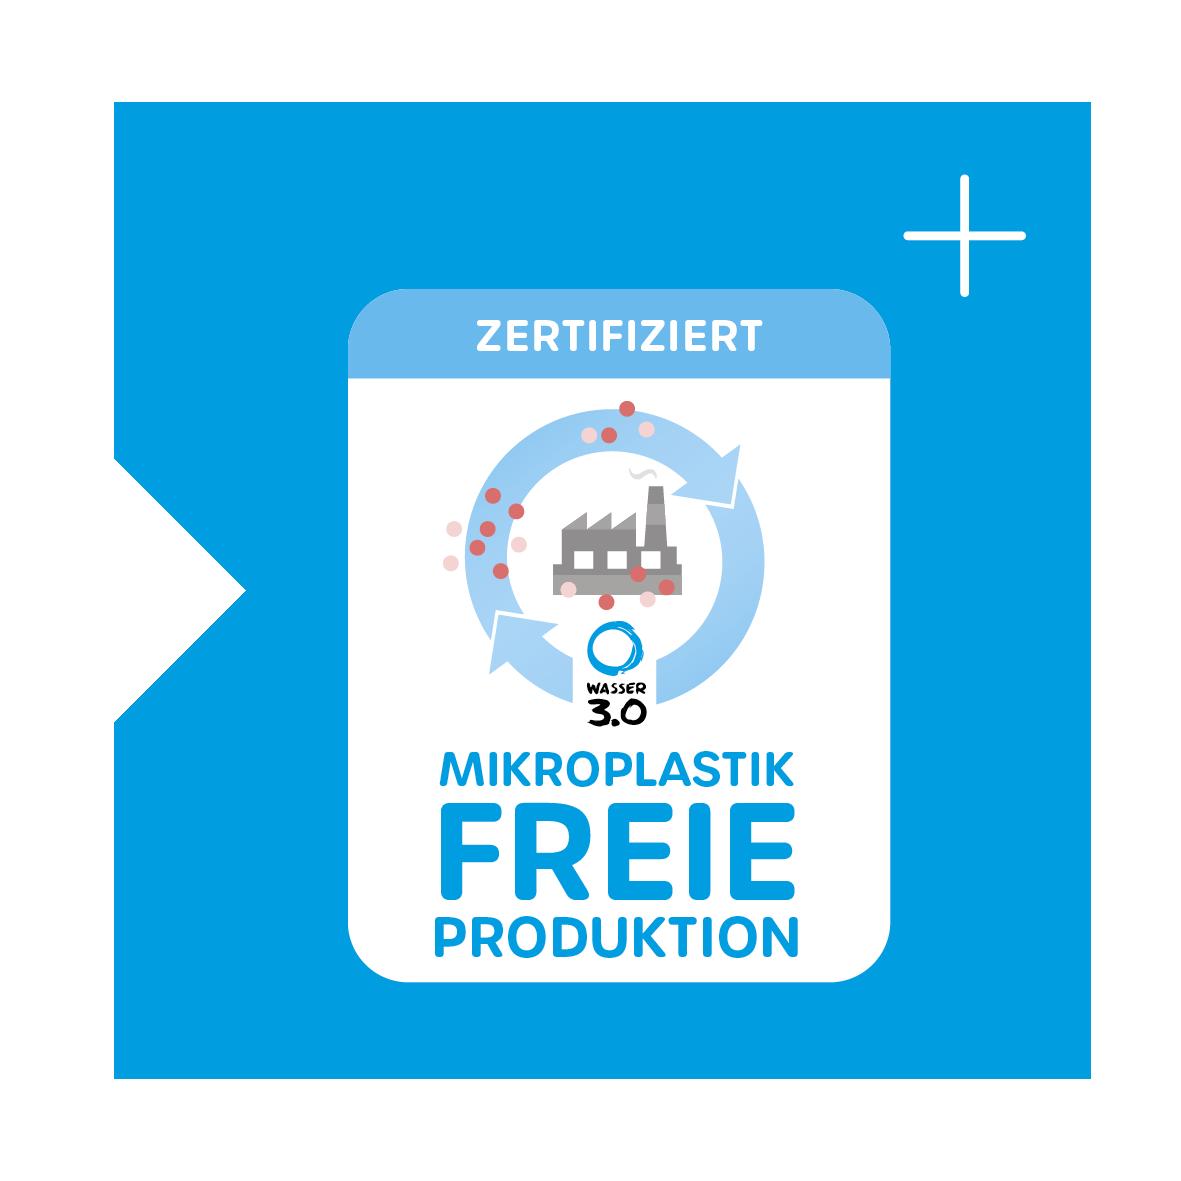 Das Zertifikat für die Mikroplastikfreie Produktion